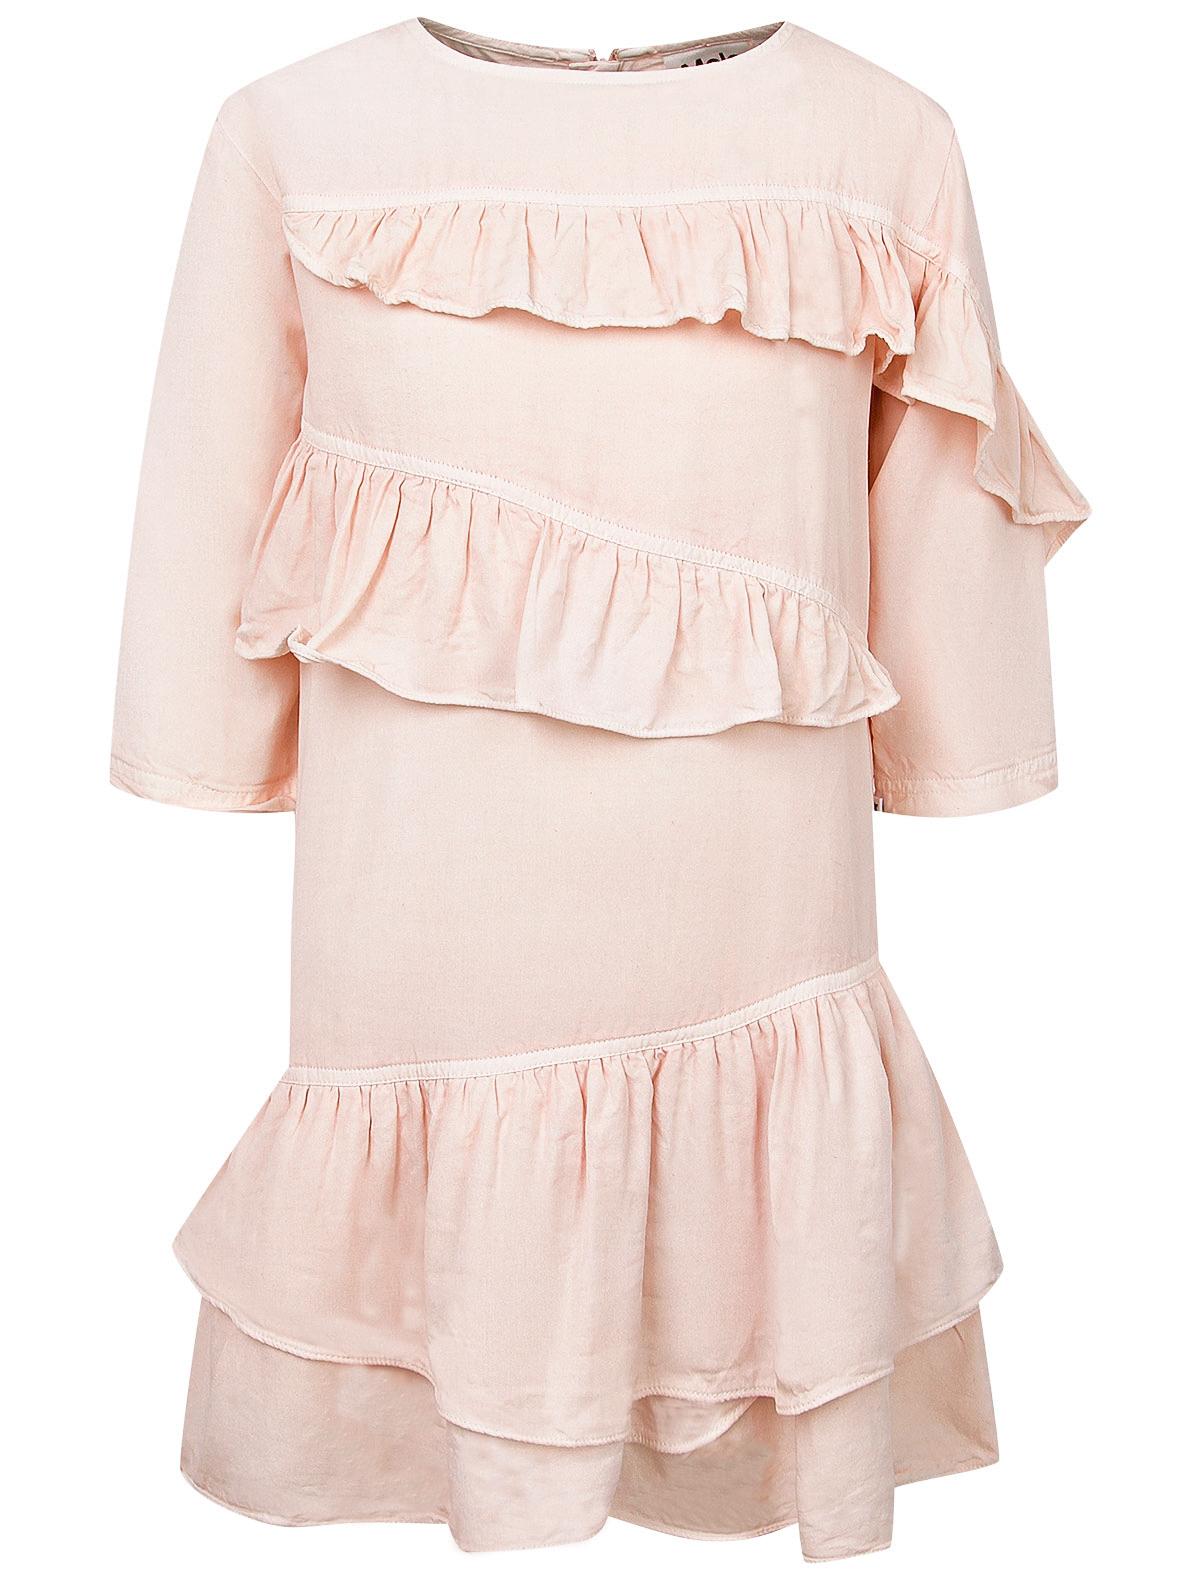 Купить 2164225, Платье MOLO, розовый, Женский, 1052609070464